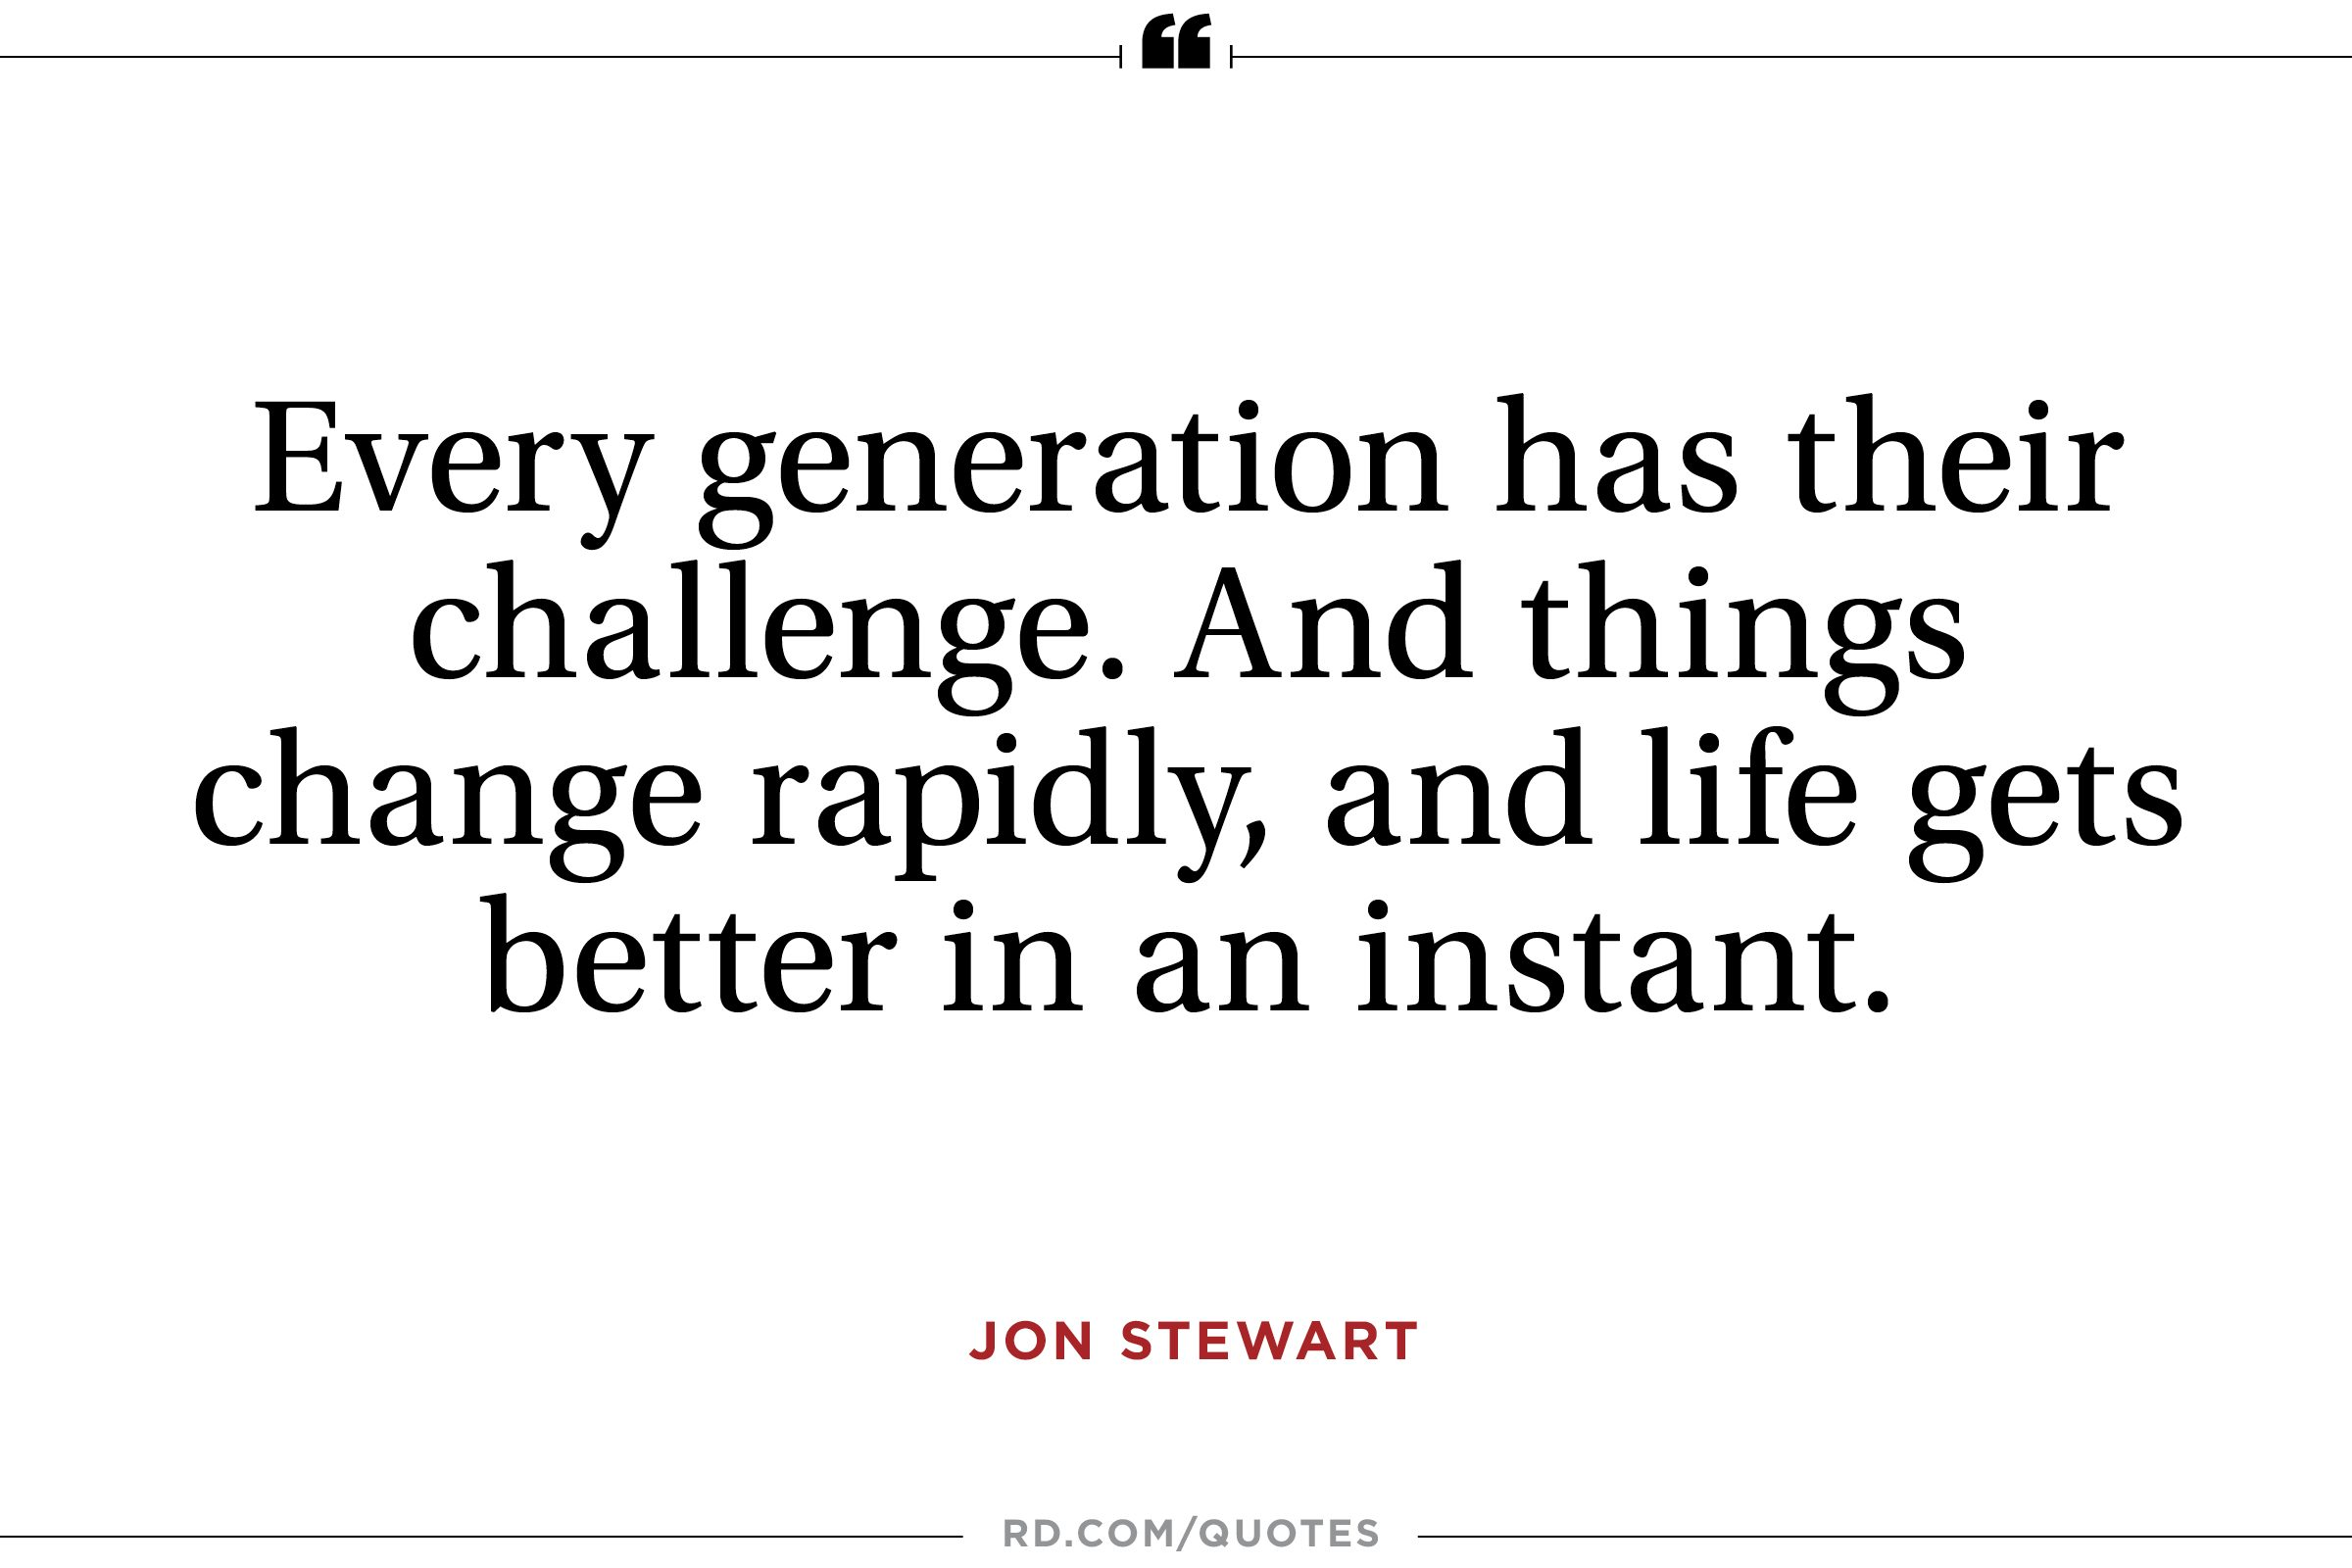 Jon Stewart on the Future